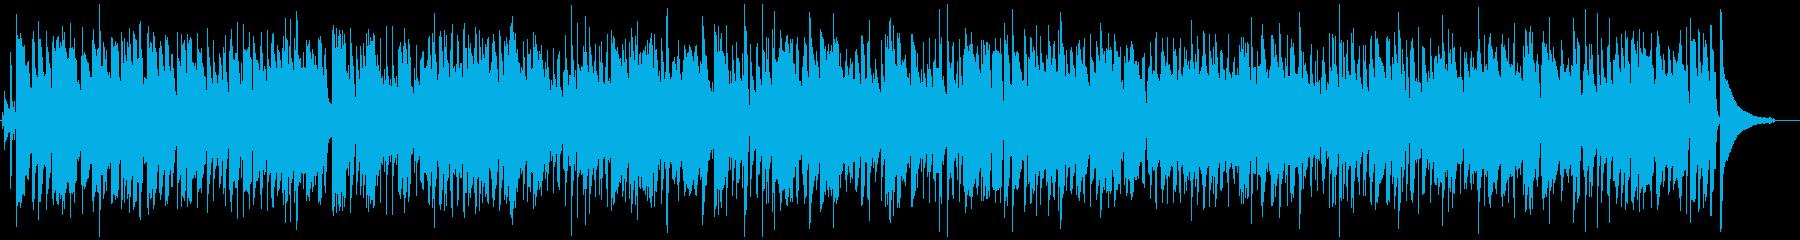 ゆったりしたジャズBGMの再生済みの波形